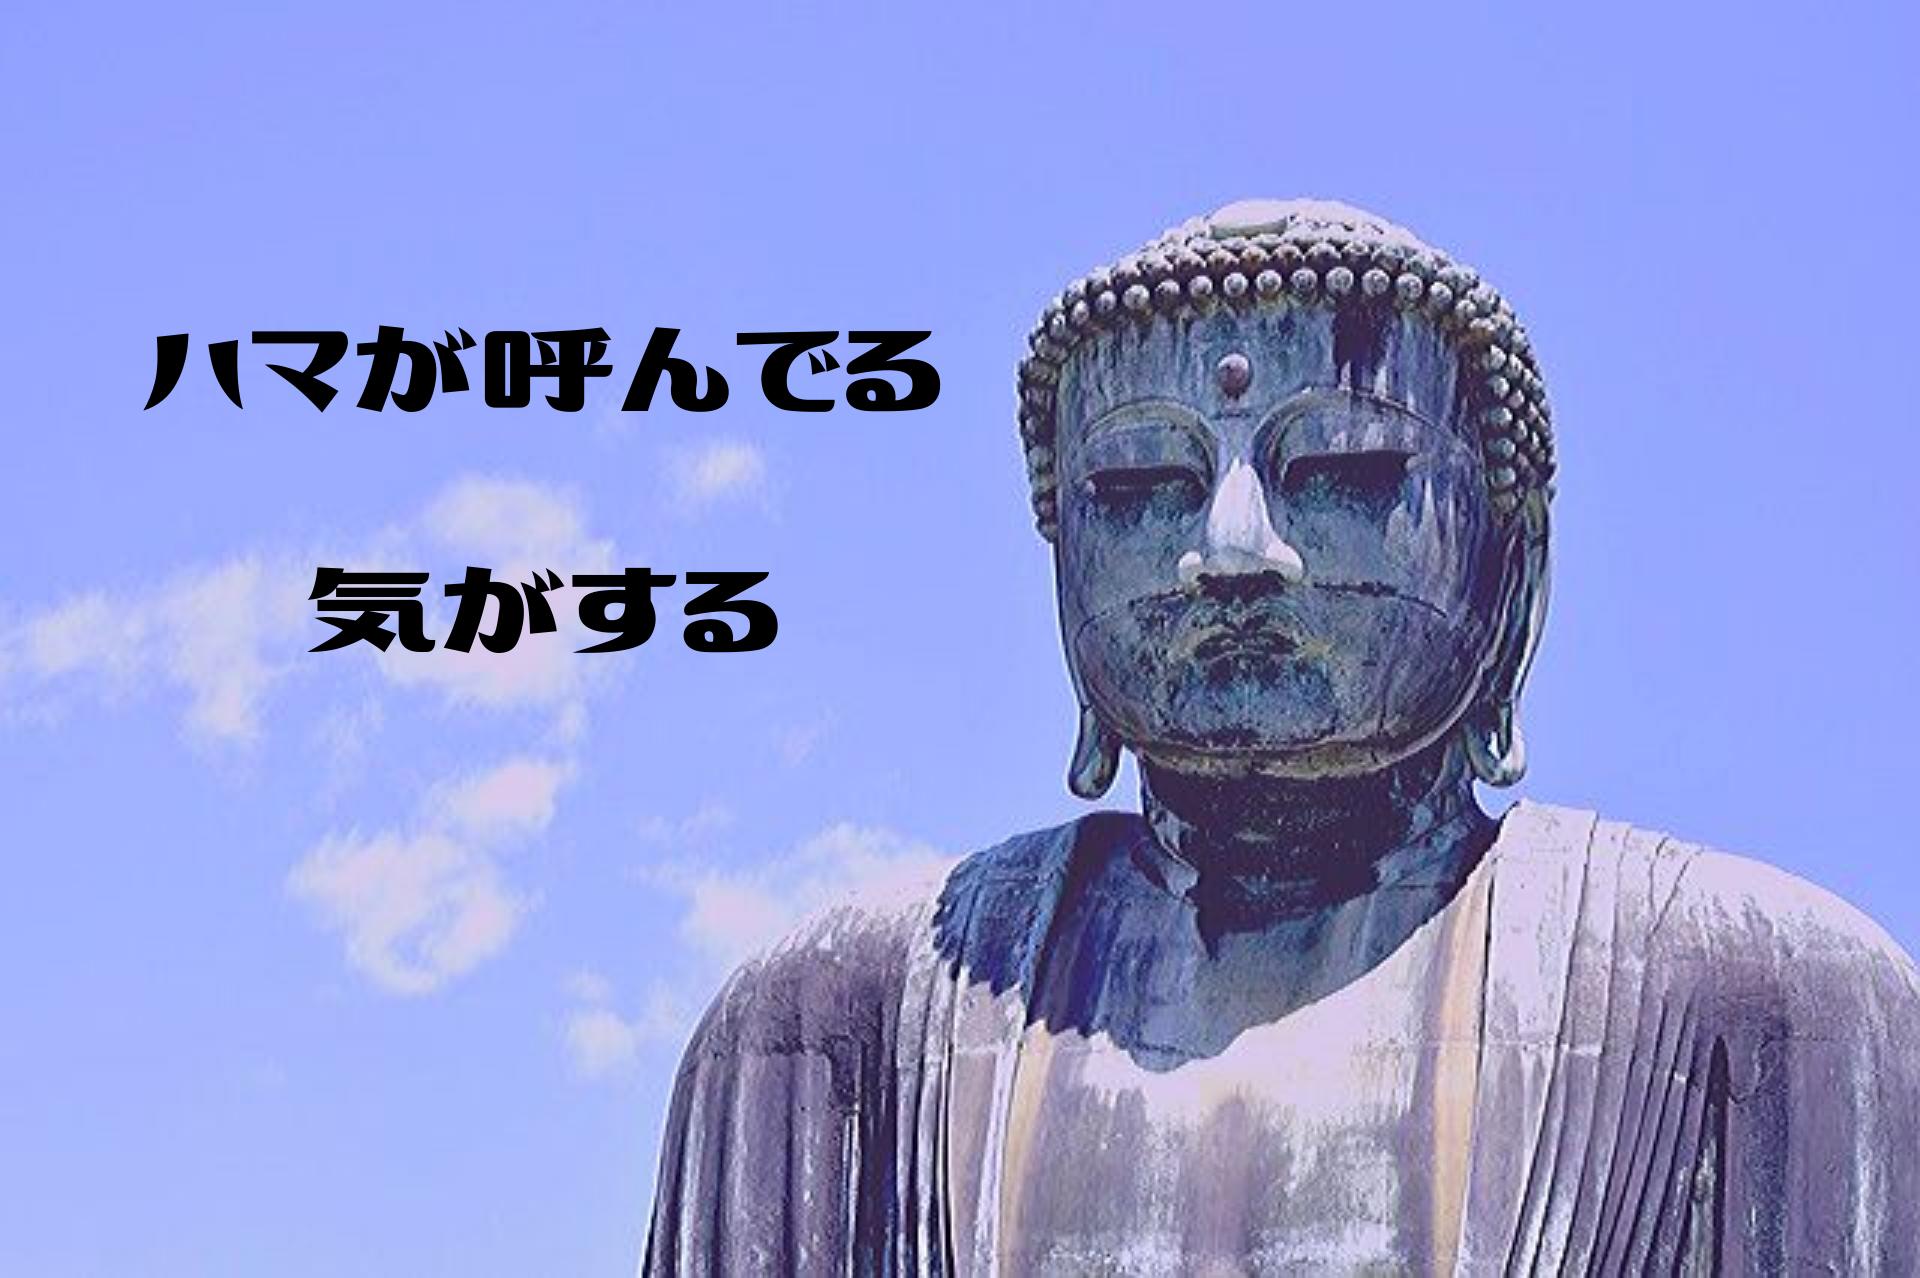 仏像アイキャッチ